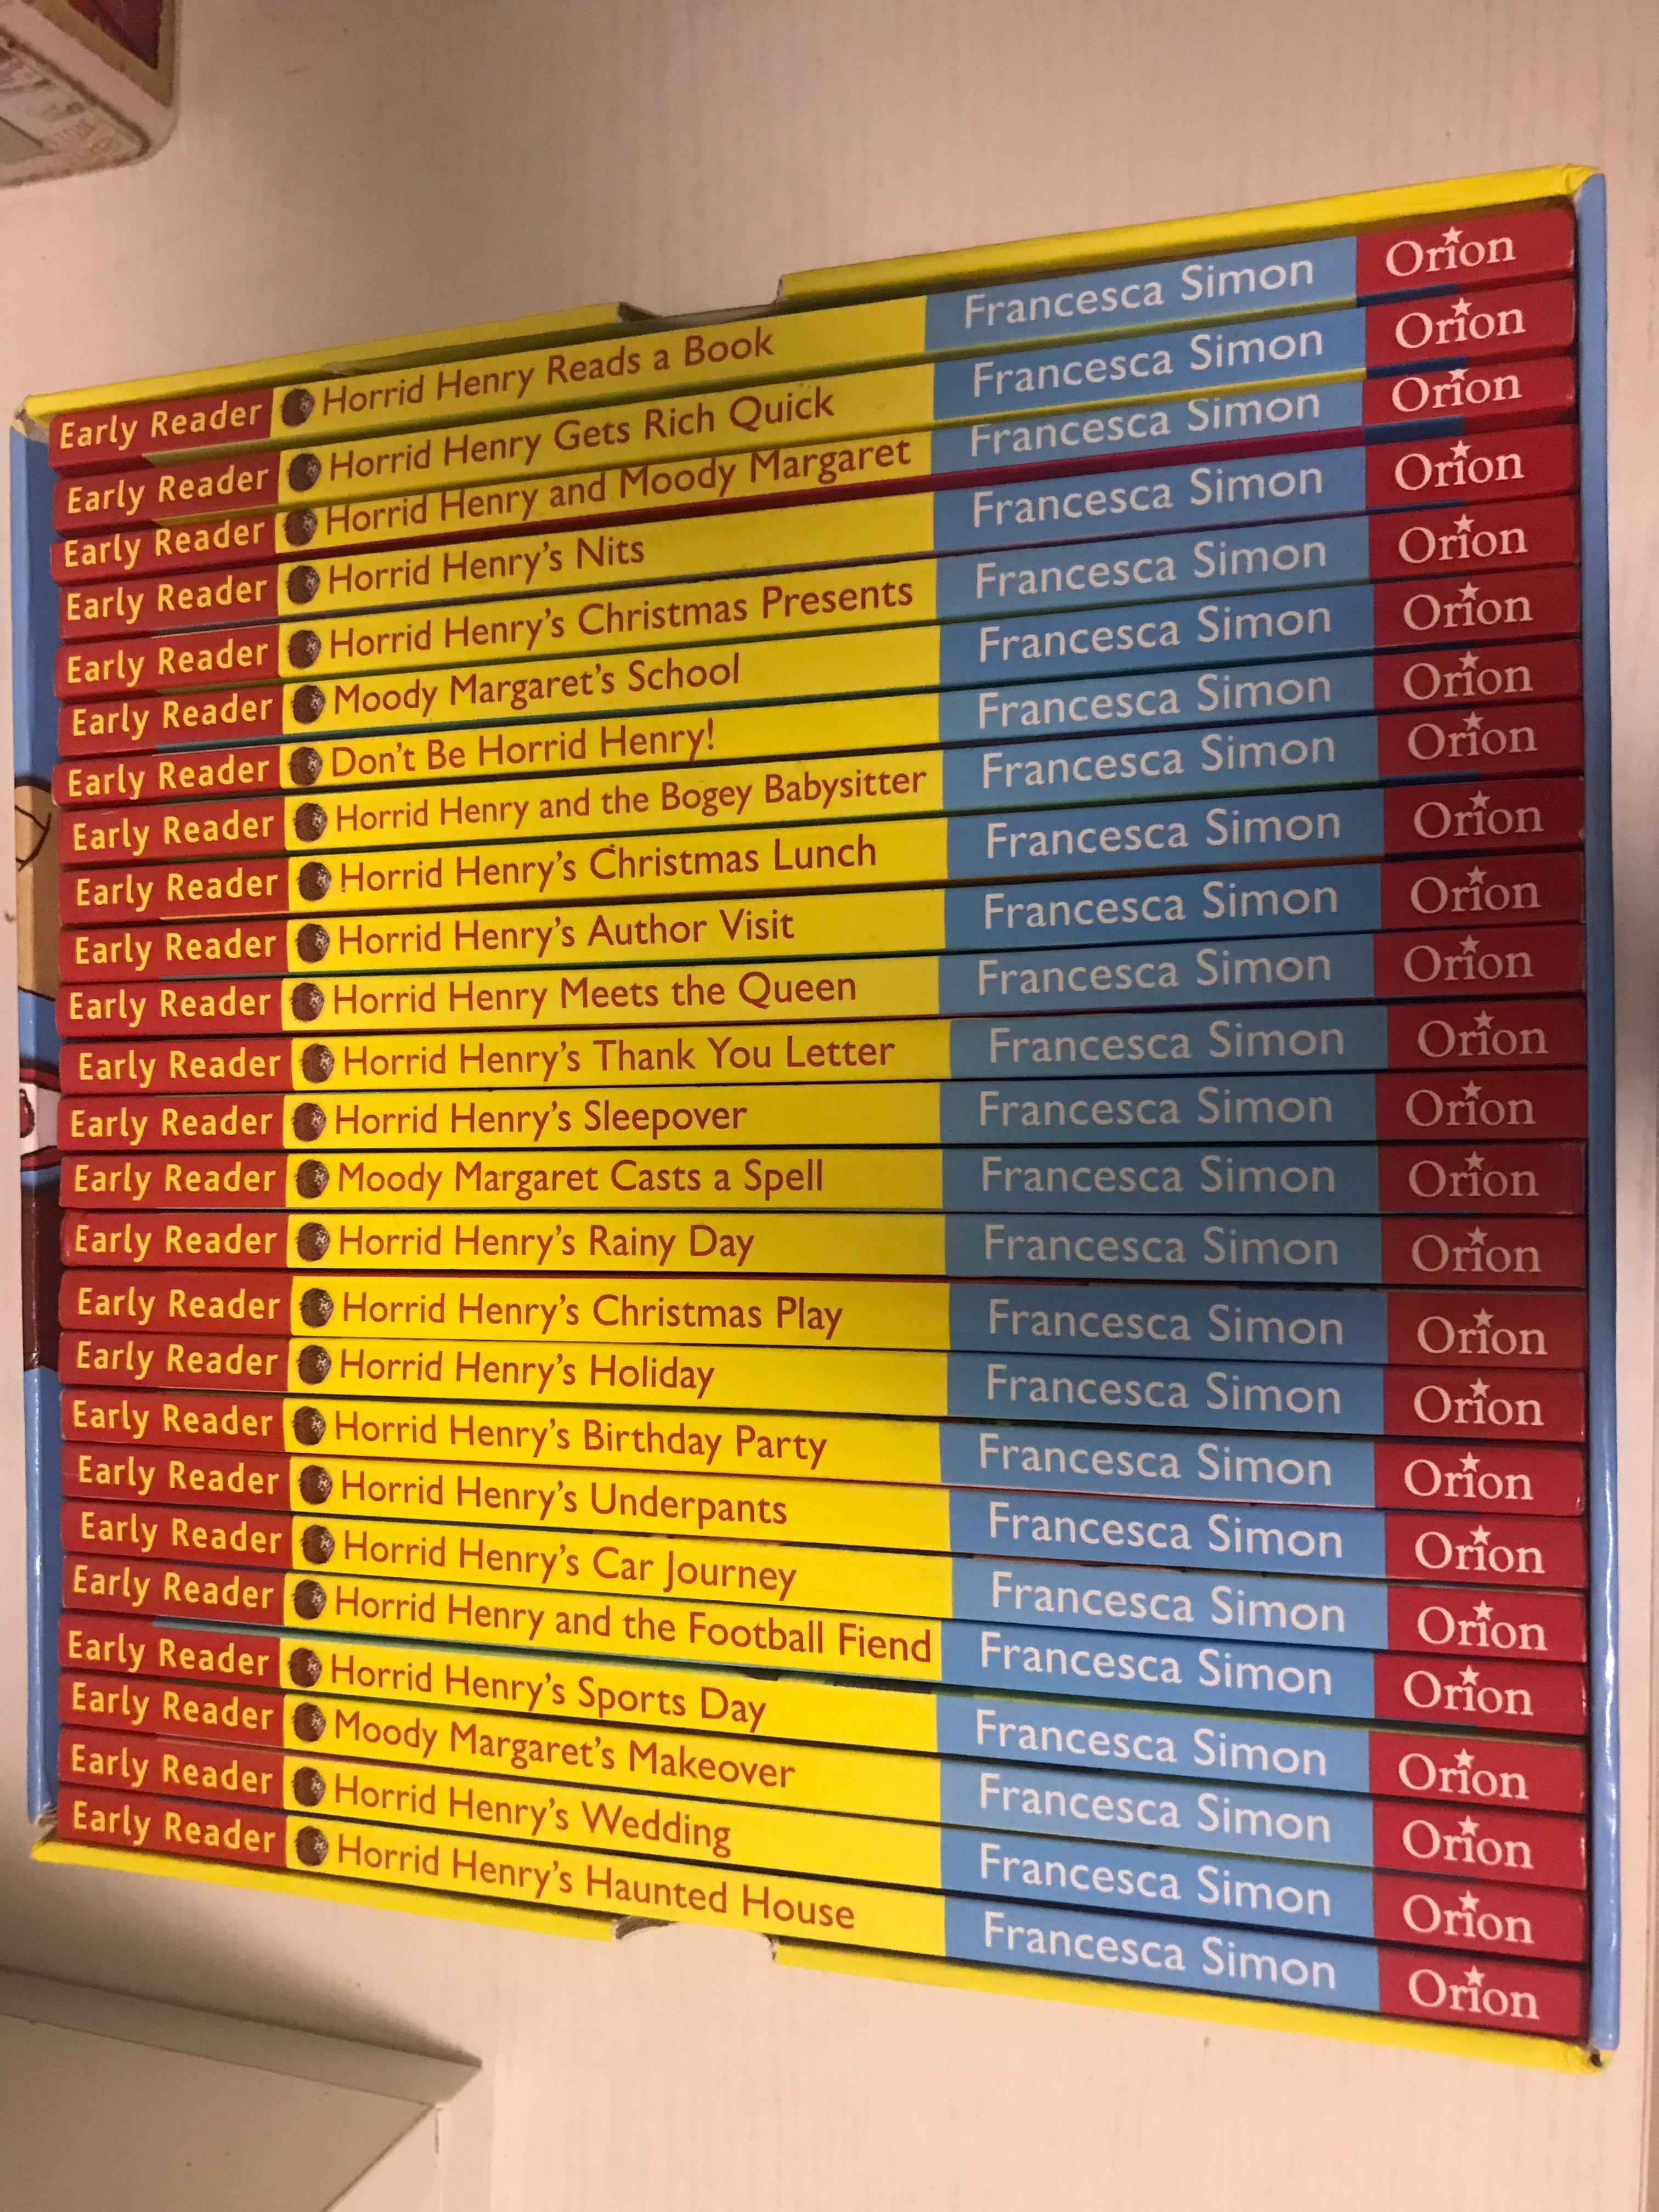 early readers - Horrid Henry series